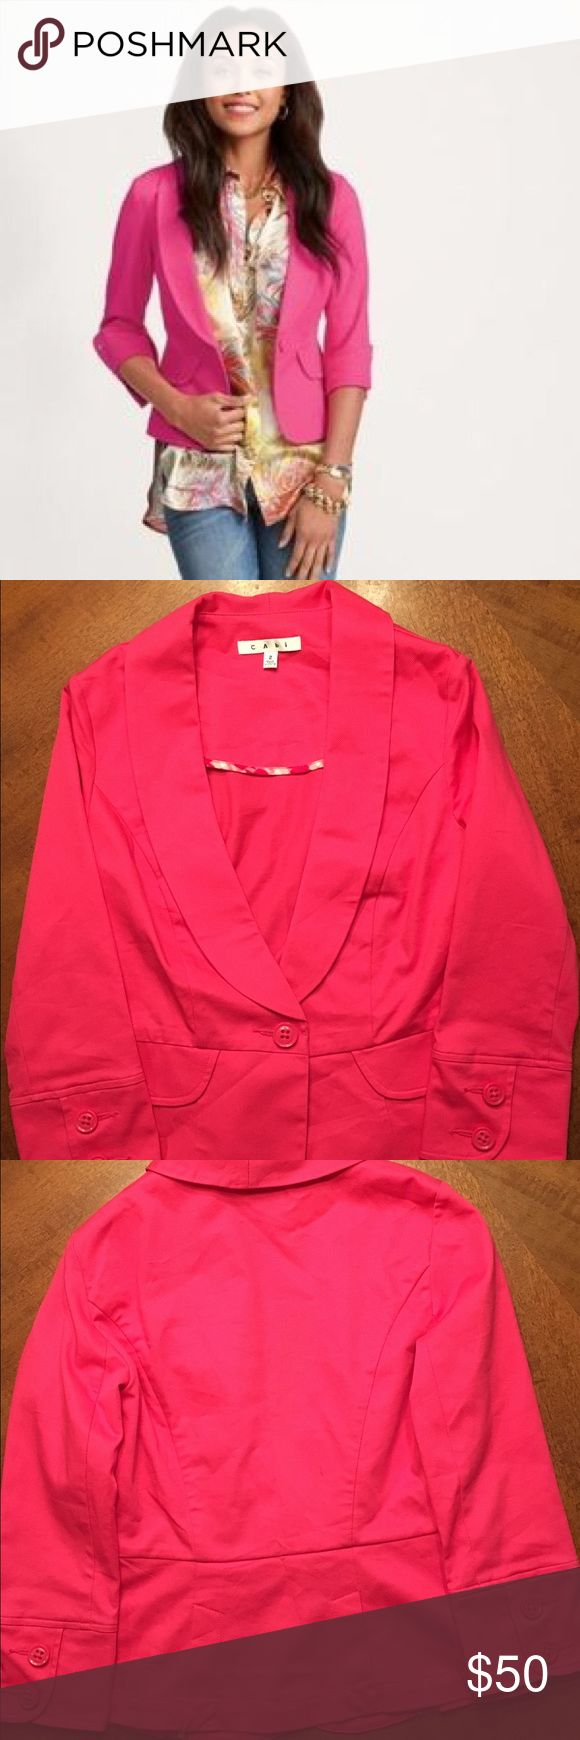 NWOT CAbi Power Pink Blazer - Size 2 Gorgeous NWOT CAbi Power Pink Blazer in Size 2. CAbi Jackets & Coats Blazers